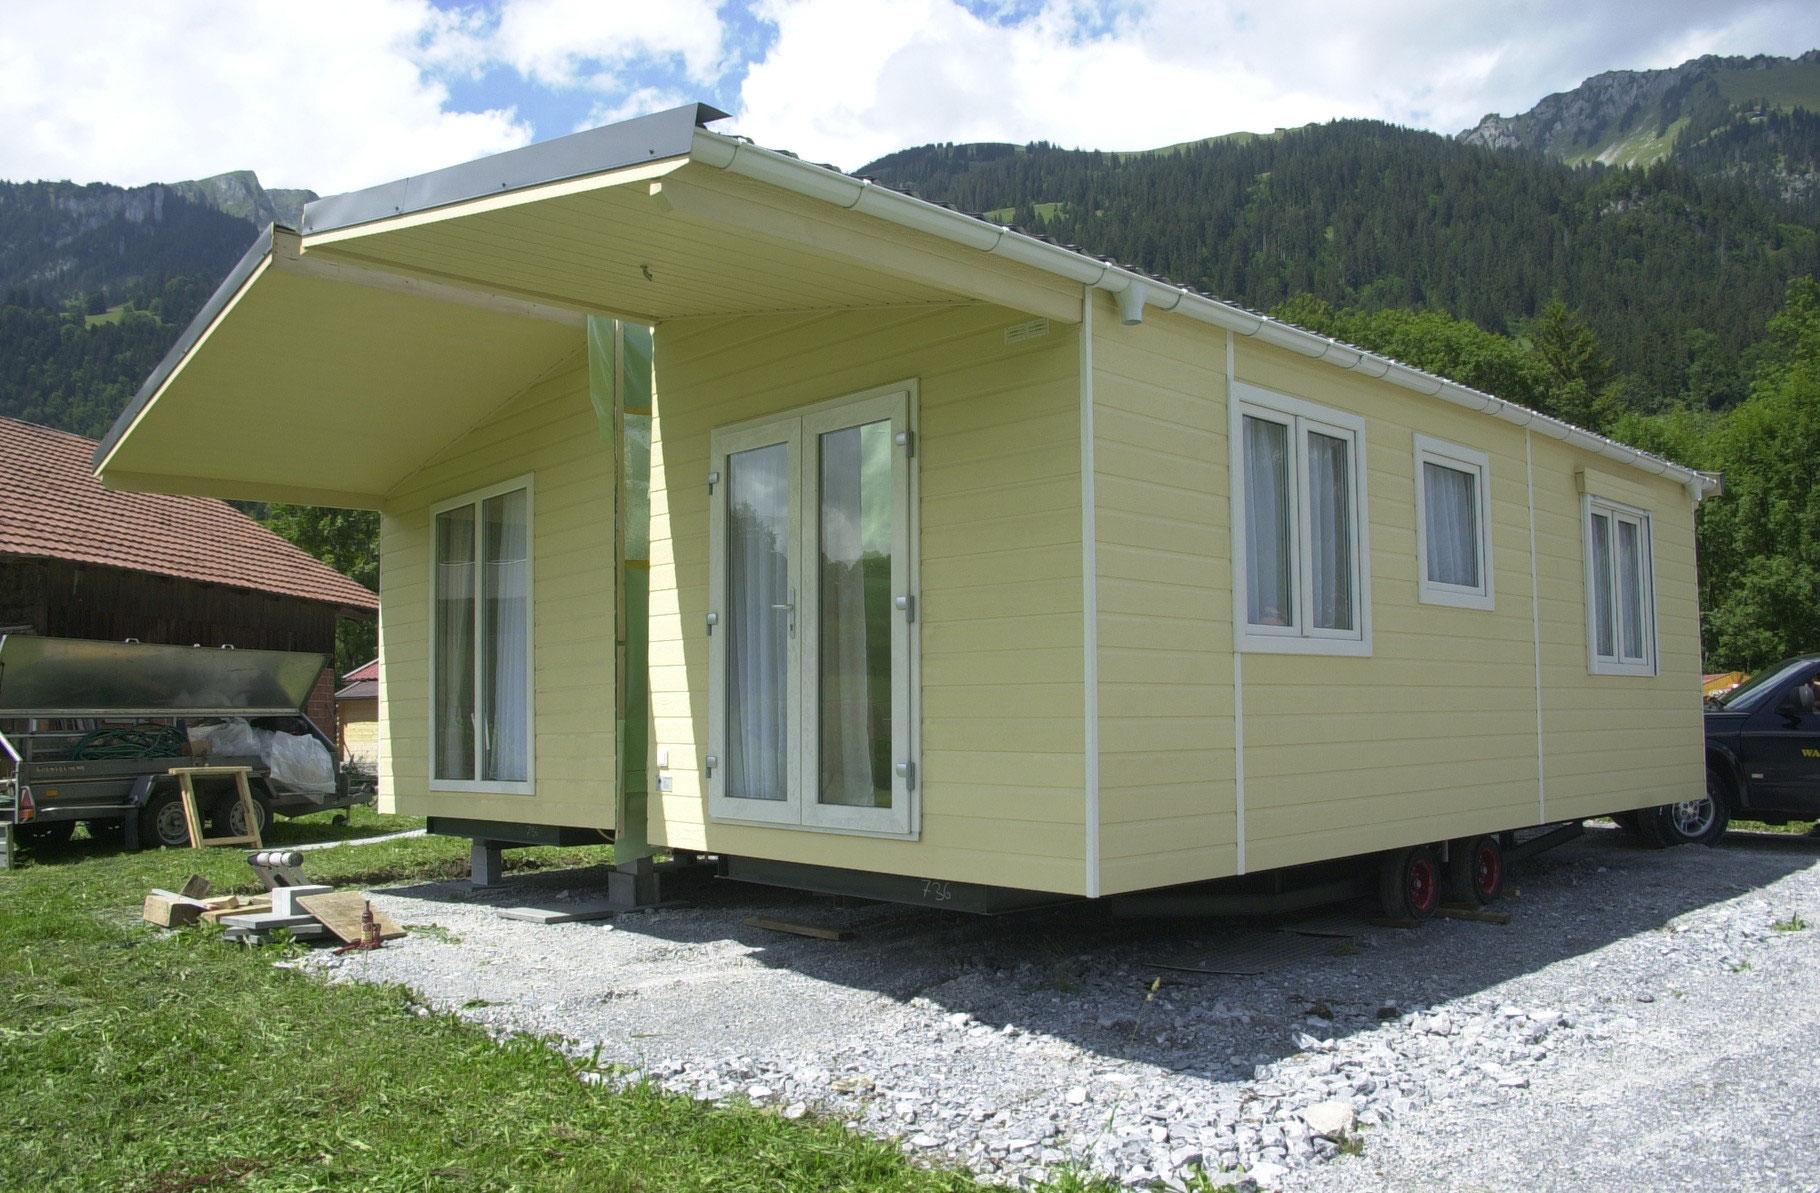 mobilheim kaufen vinelz mobilheim am neuenburgersee zu. Black Bedroom Furniture Sets. Home Design Ideas